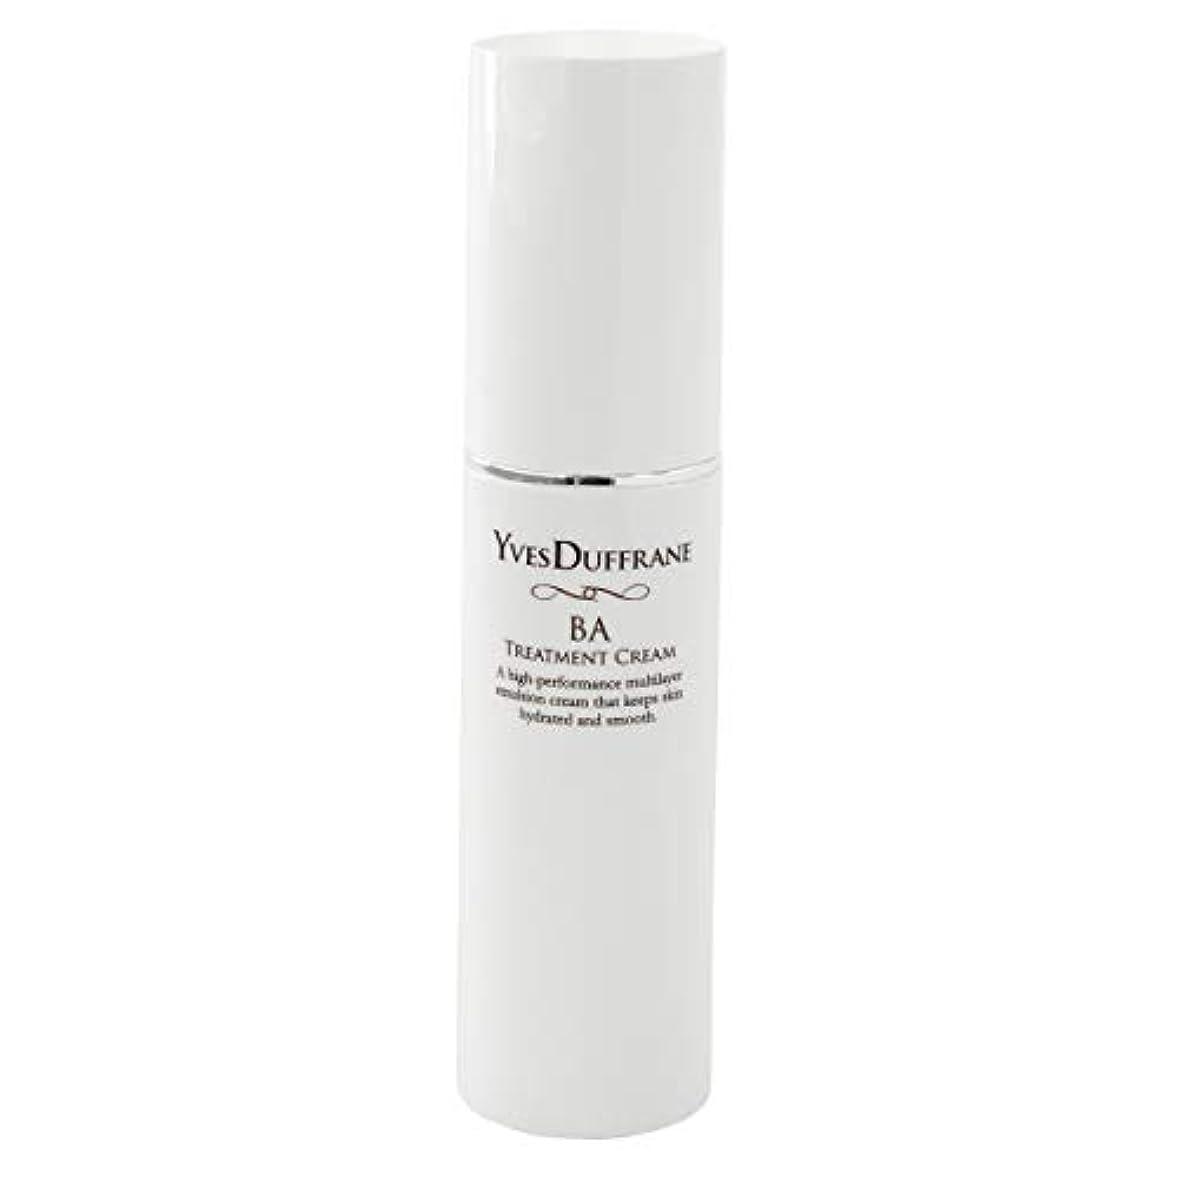 ピュー階下急速なセラミド 美容クリーム [BAトリートメント クリーム ] 顔 目元 敏感肌 保湿 セラミド ビタミンC誘導体 バイオアンテージ配合